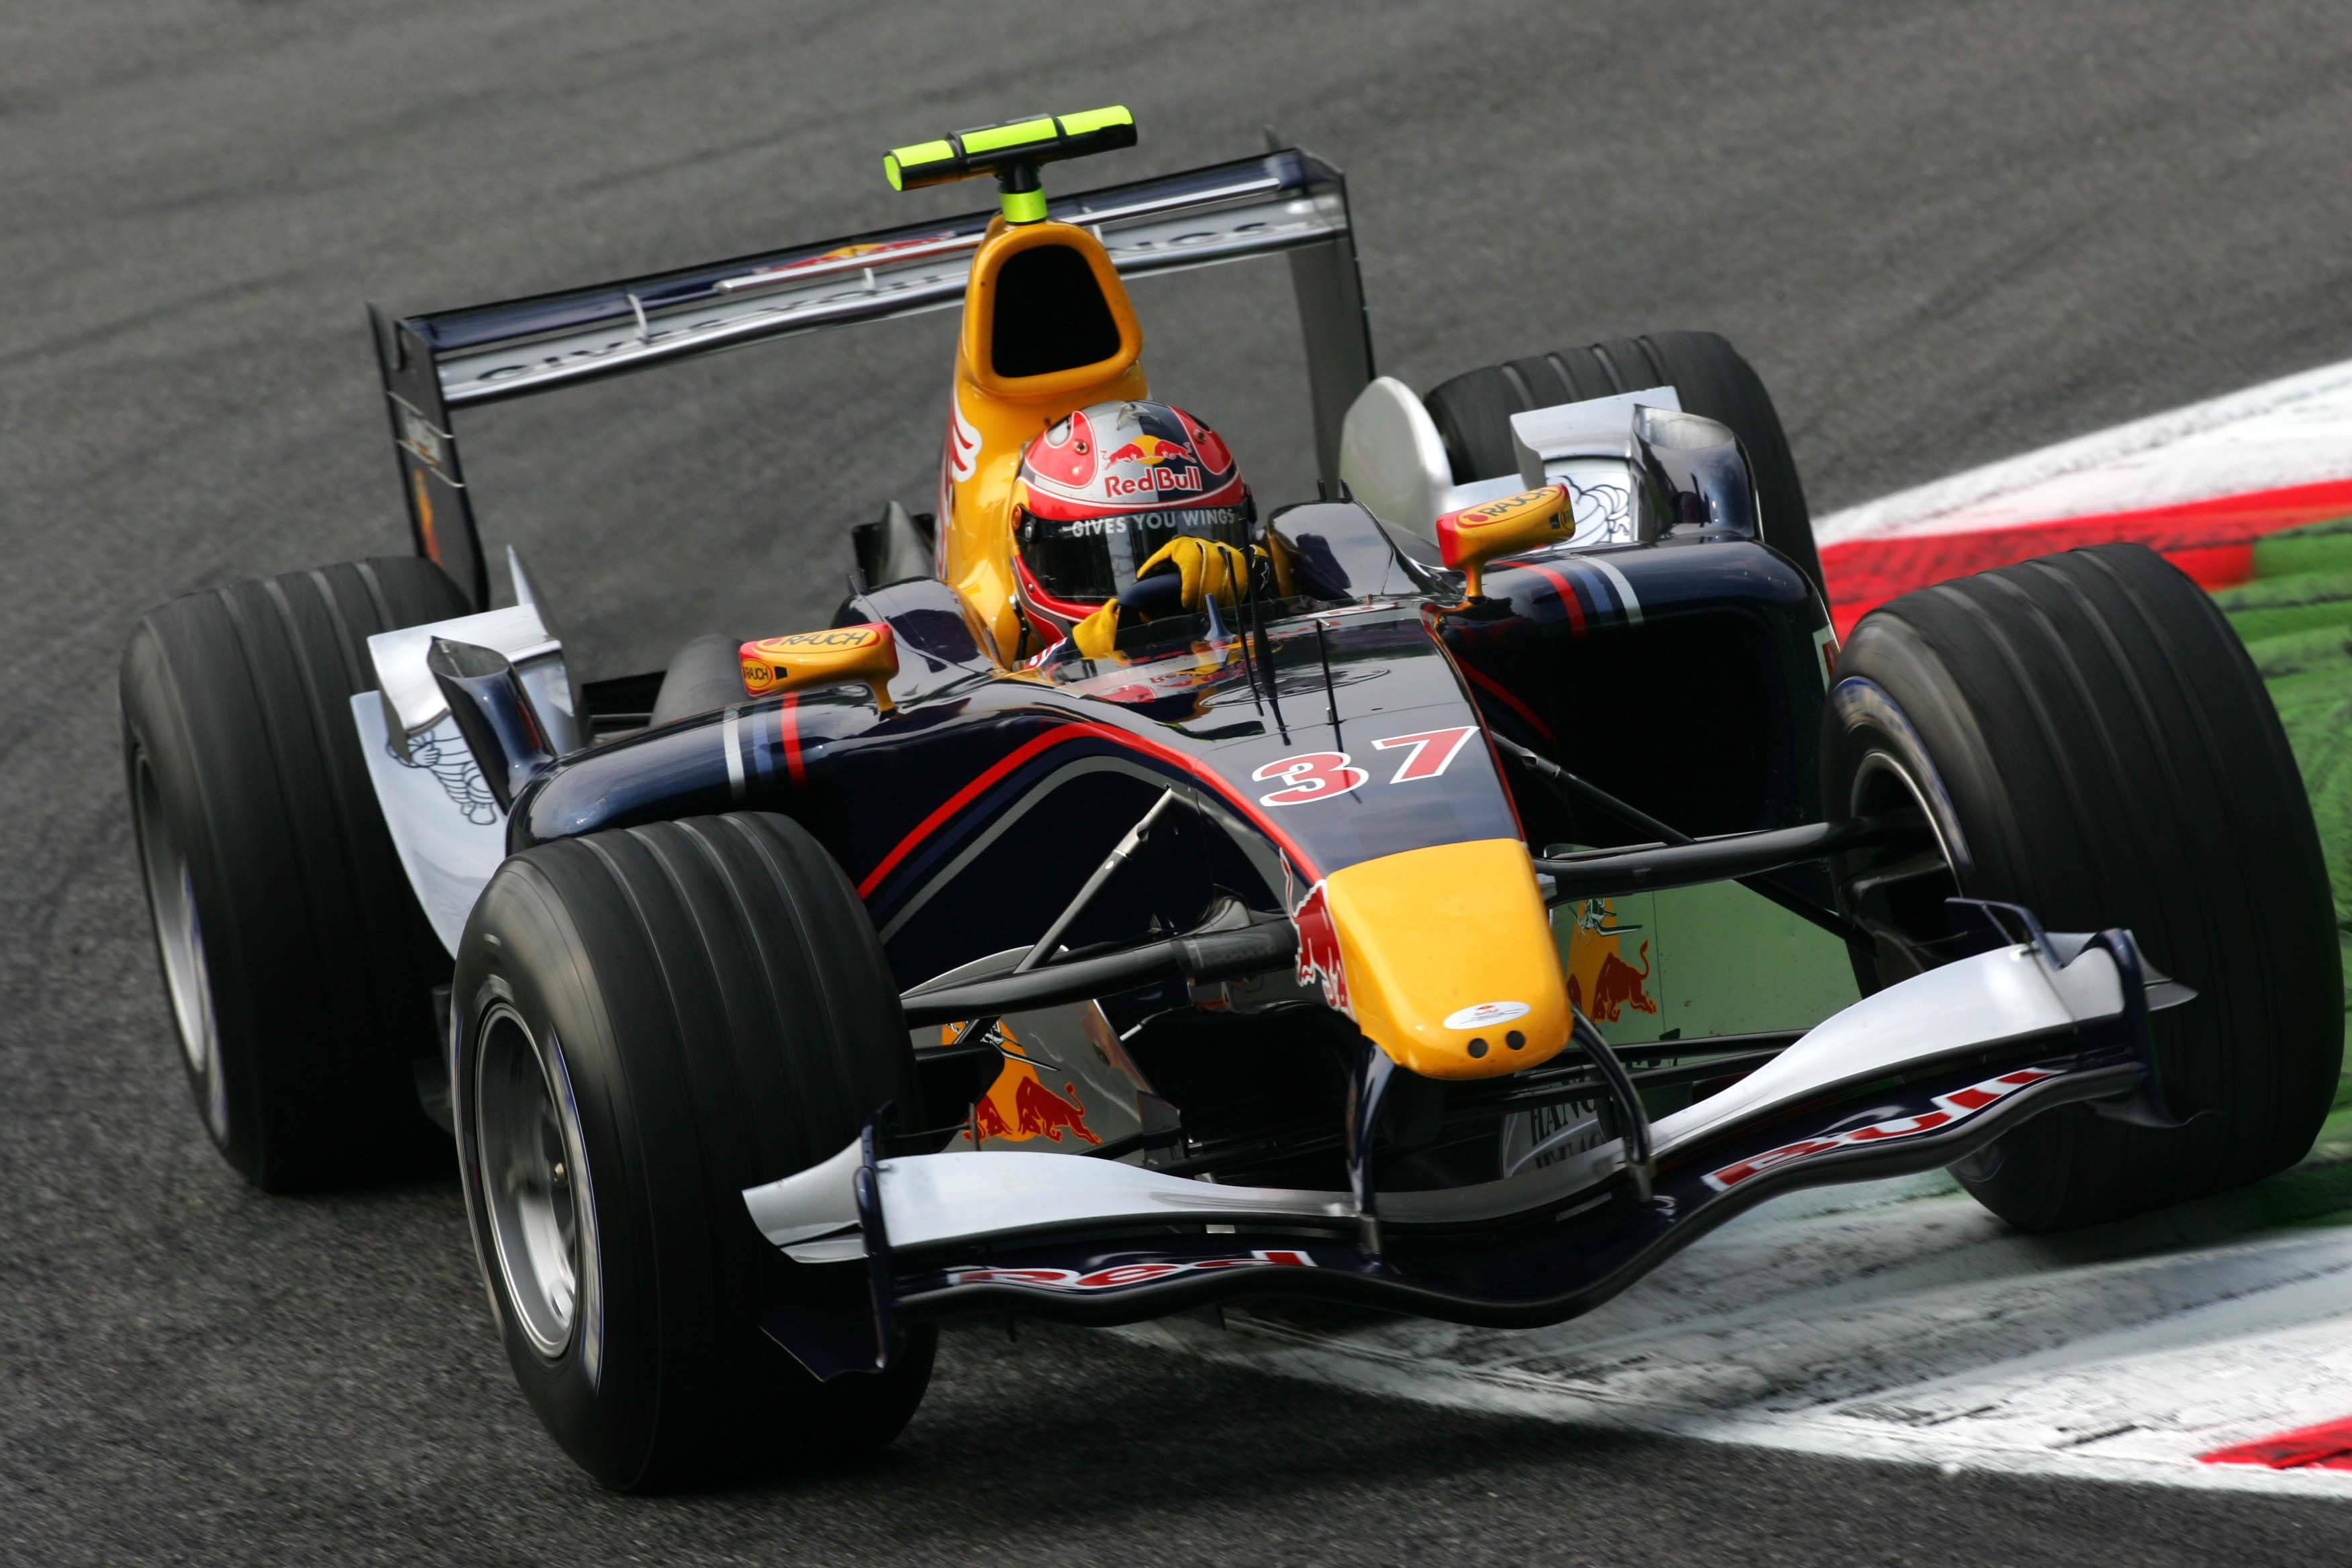 Vitantonio Liuzzi Red Bull 2005 Italian Grand Prix Monza